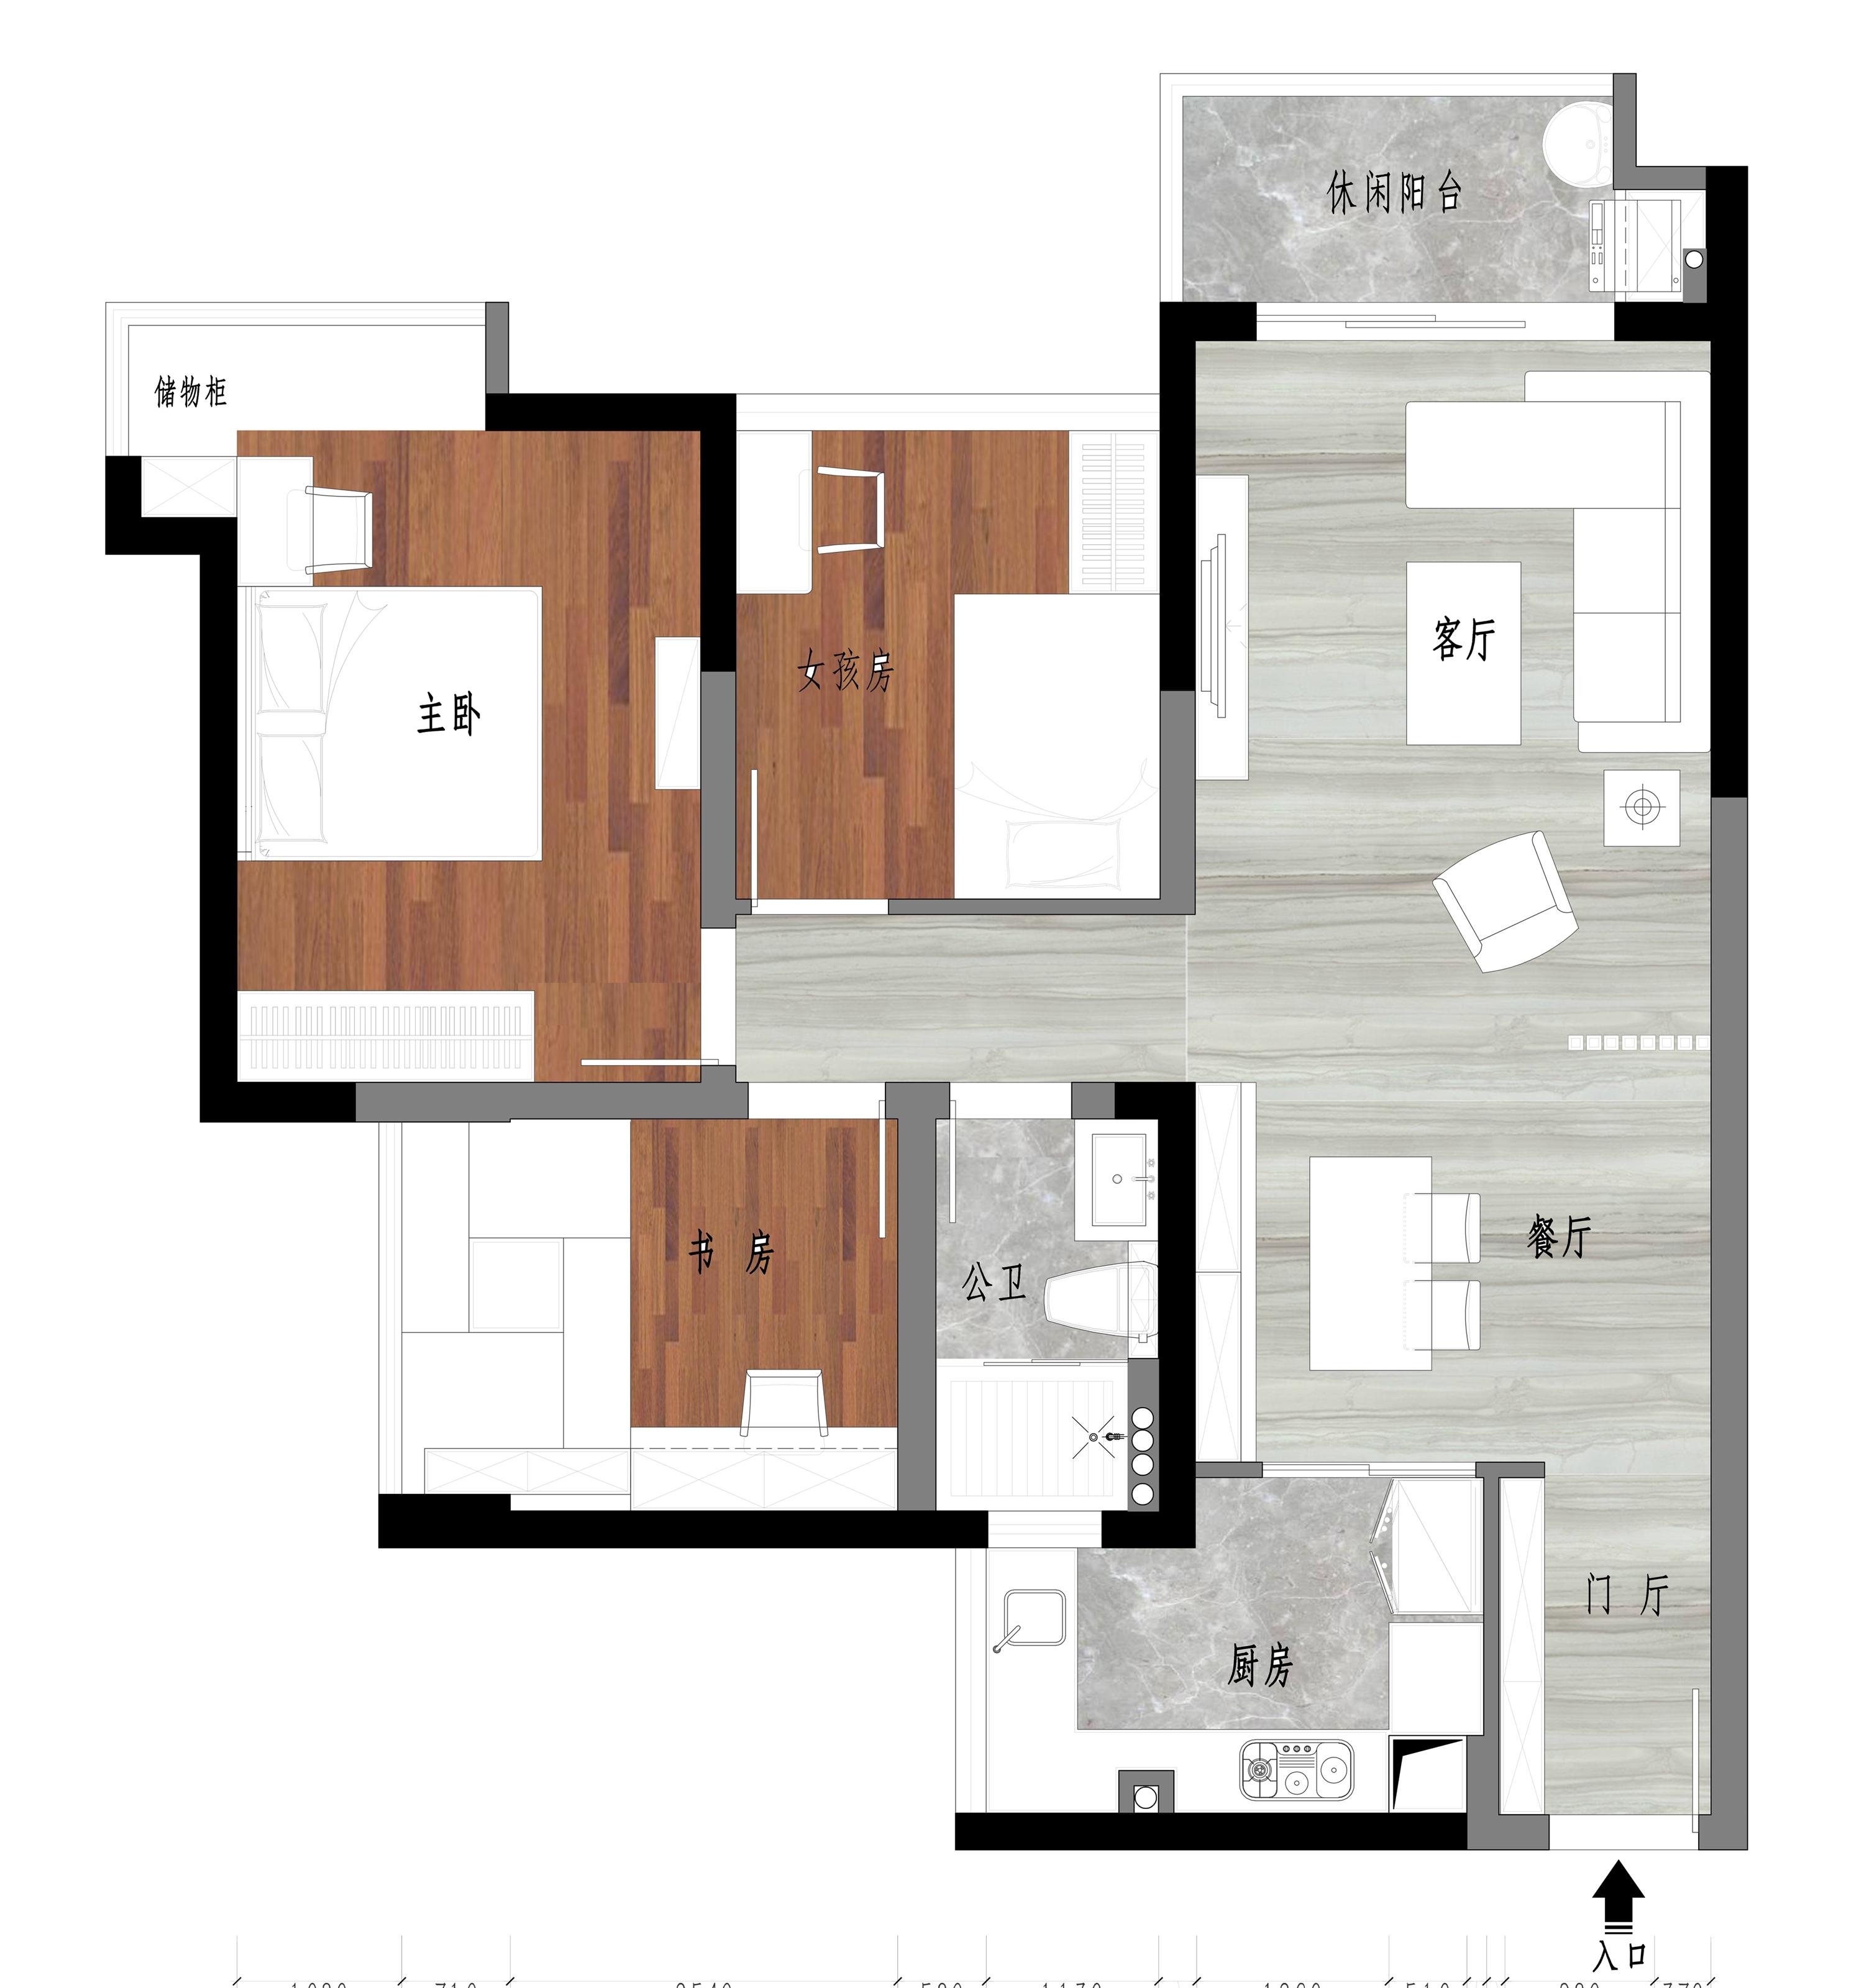 东城鼎峰尚境装修案例-94㎡新中式三房二厅装修效果图装修设计理念